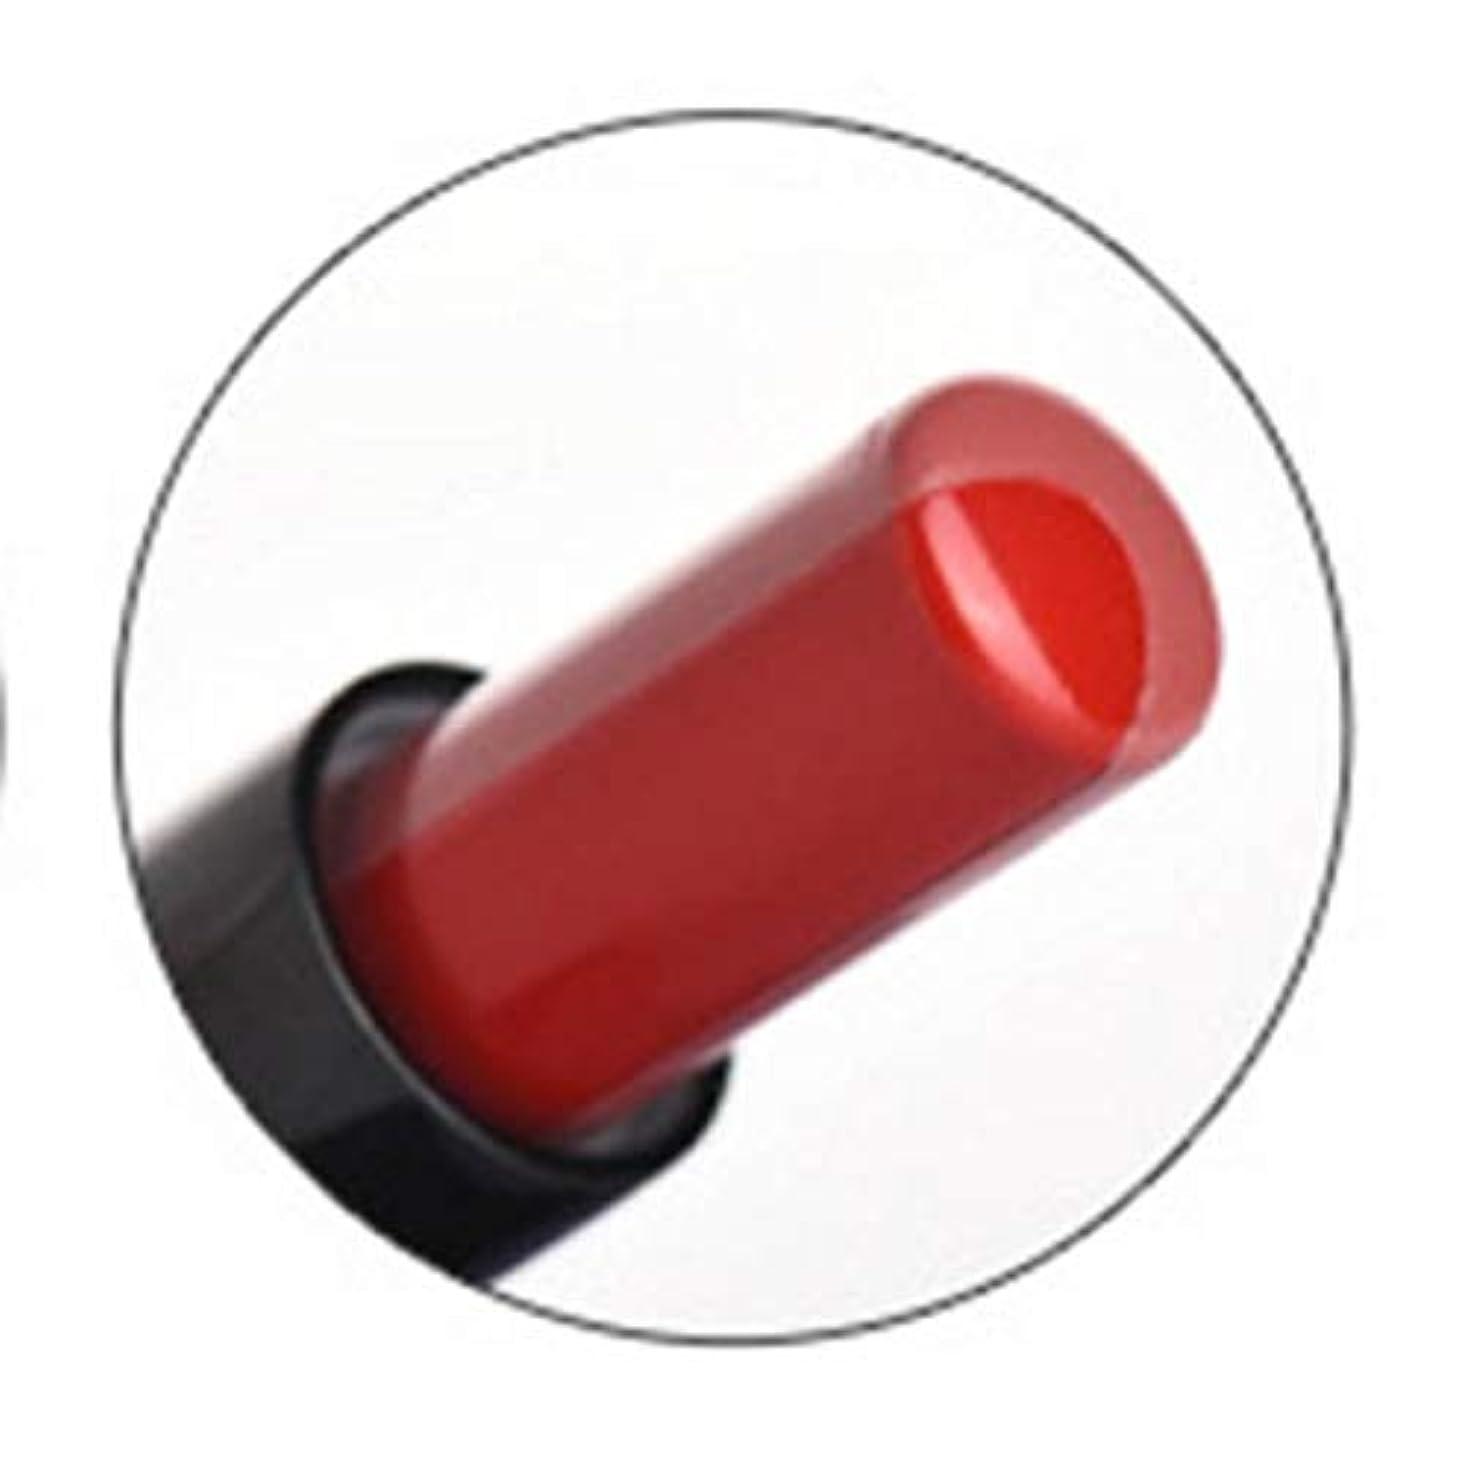 納得させるボクシング自慢Yoshilimen ファッションリップスティック新しい口紅口紅口紅(None A)